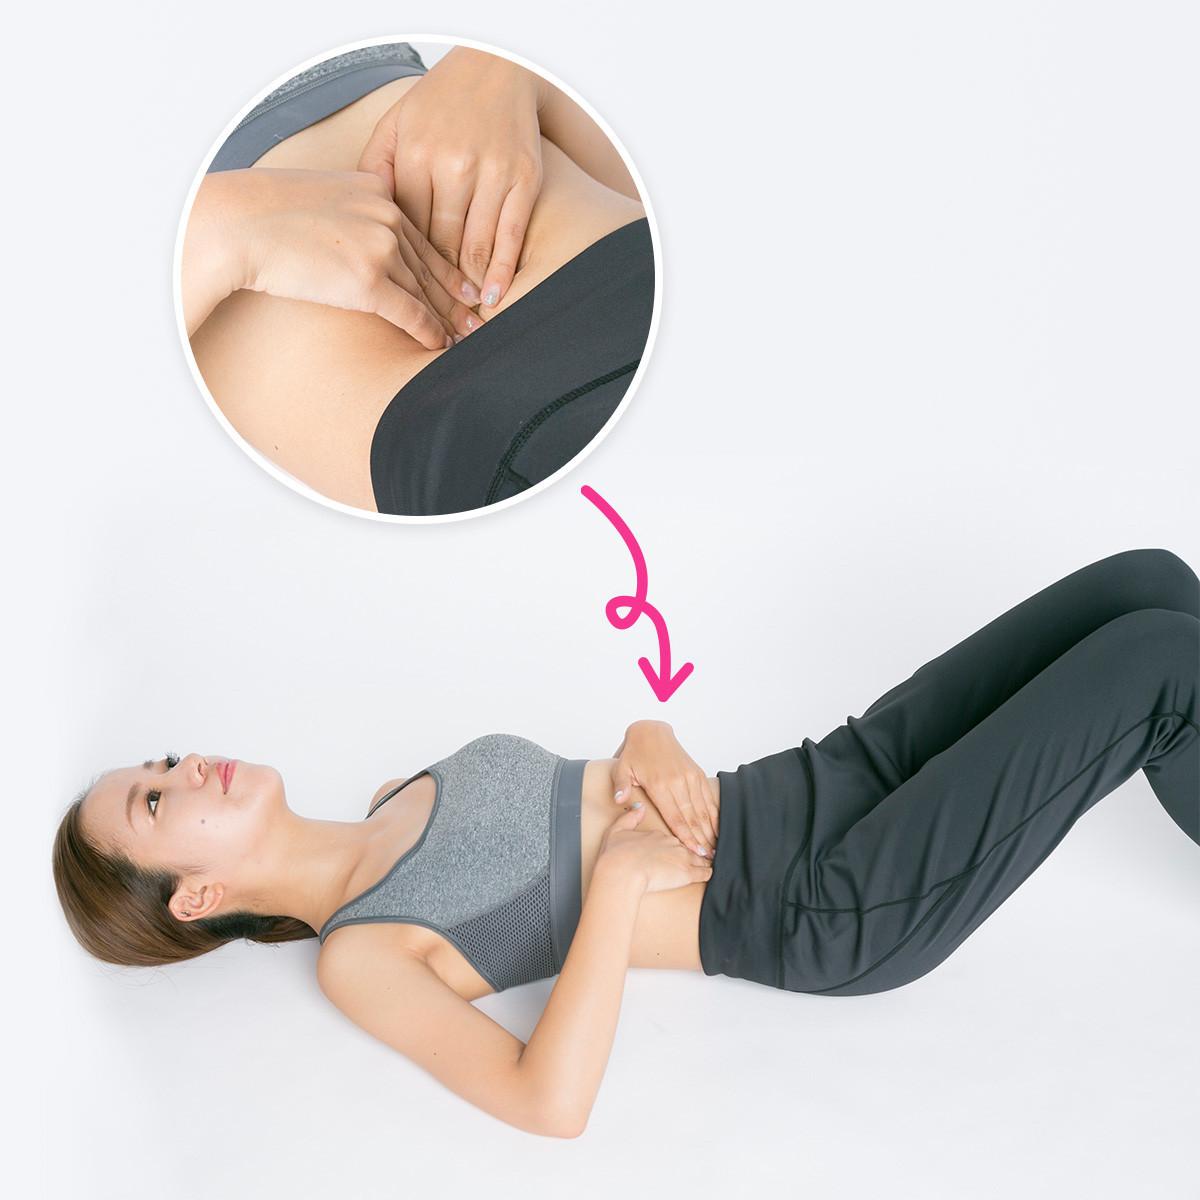 免疫力アップ、リラックス効果も!腸のむくみを解消する【美腸エクササイズLesson4】_1_1